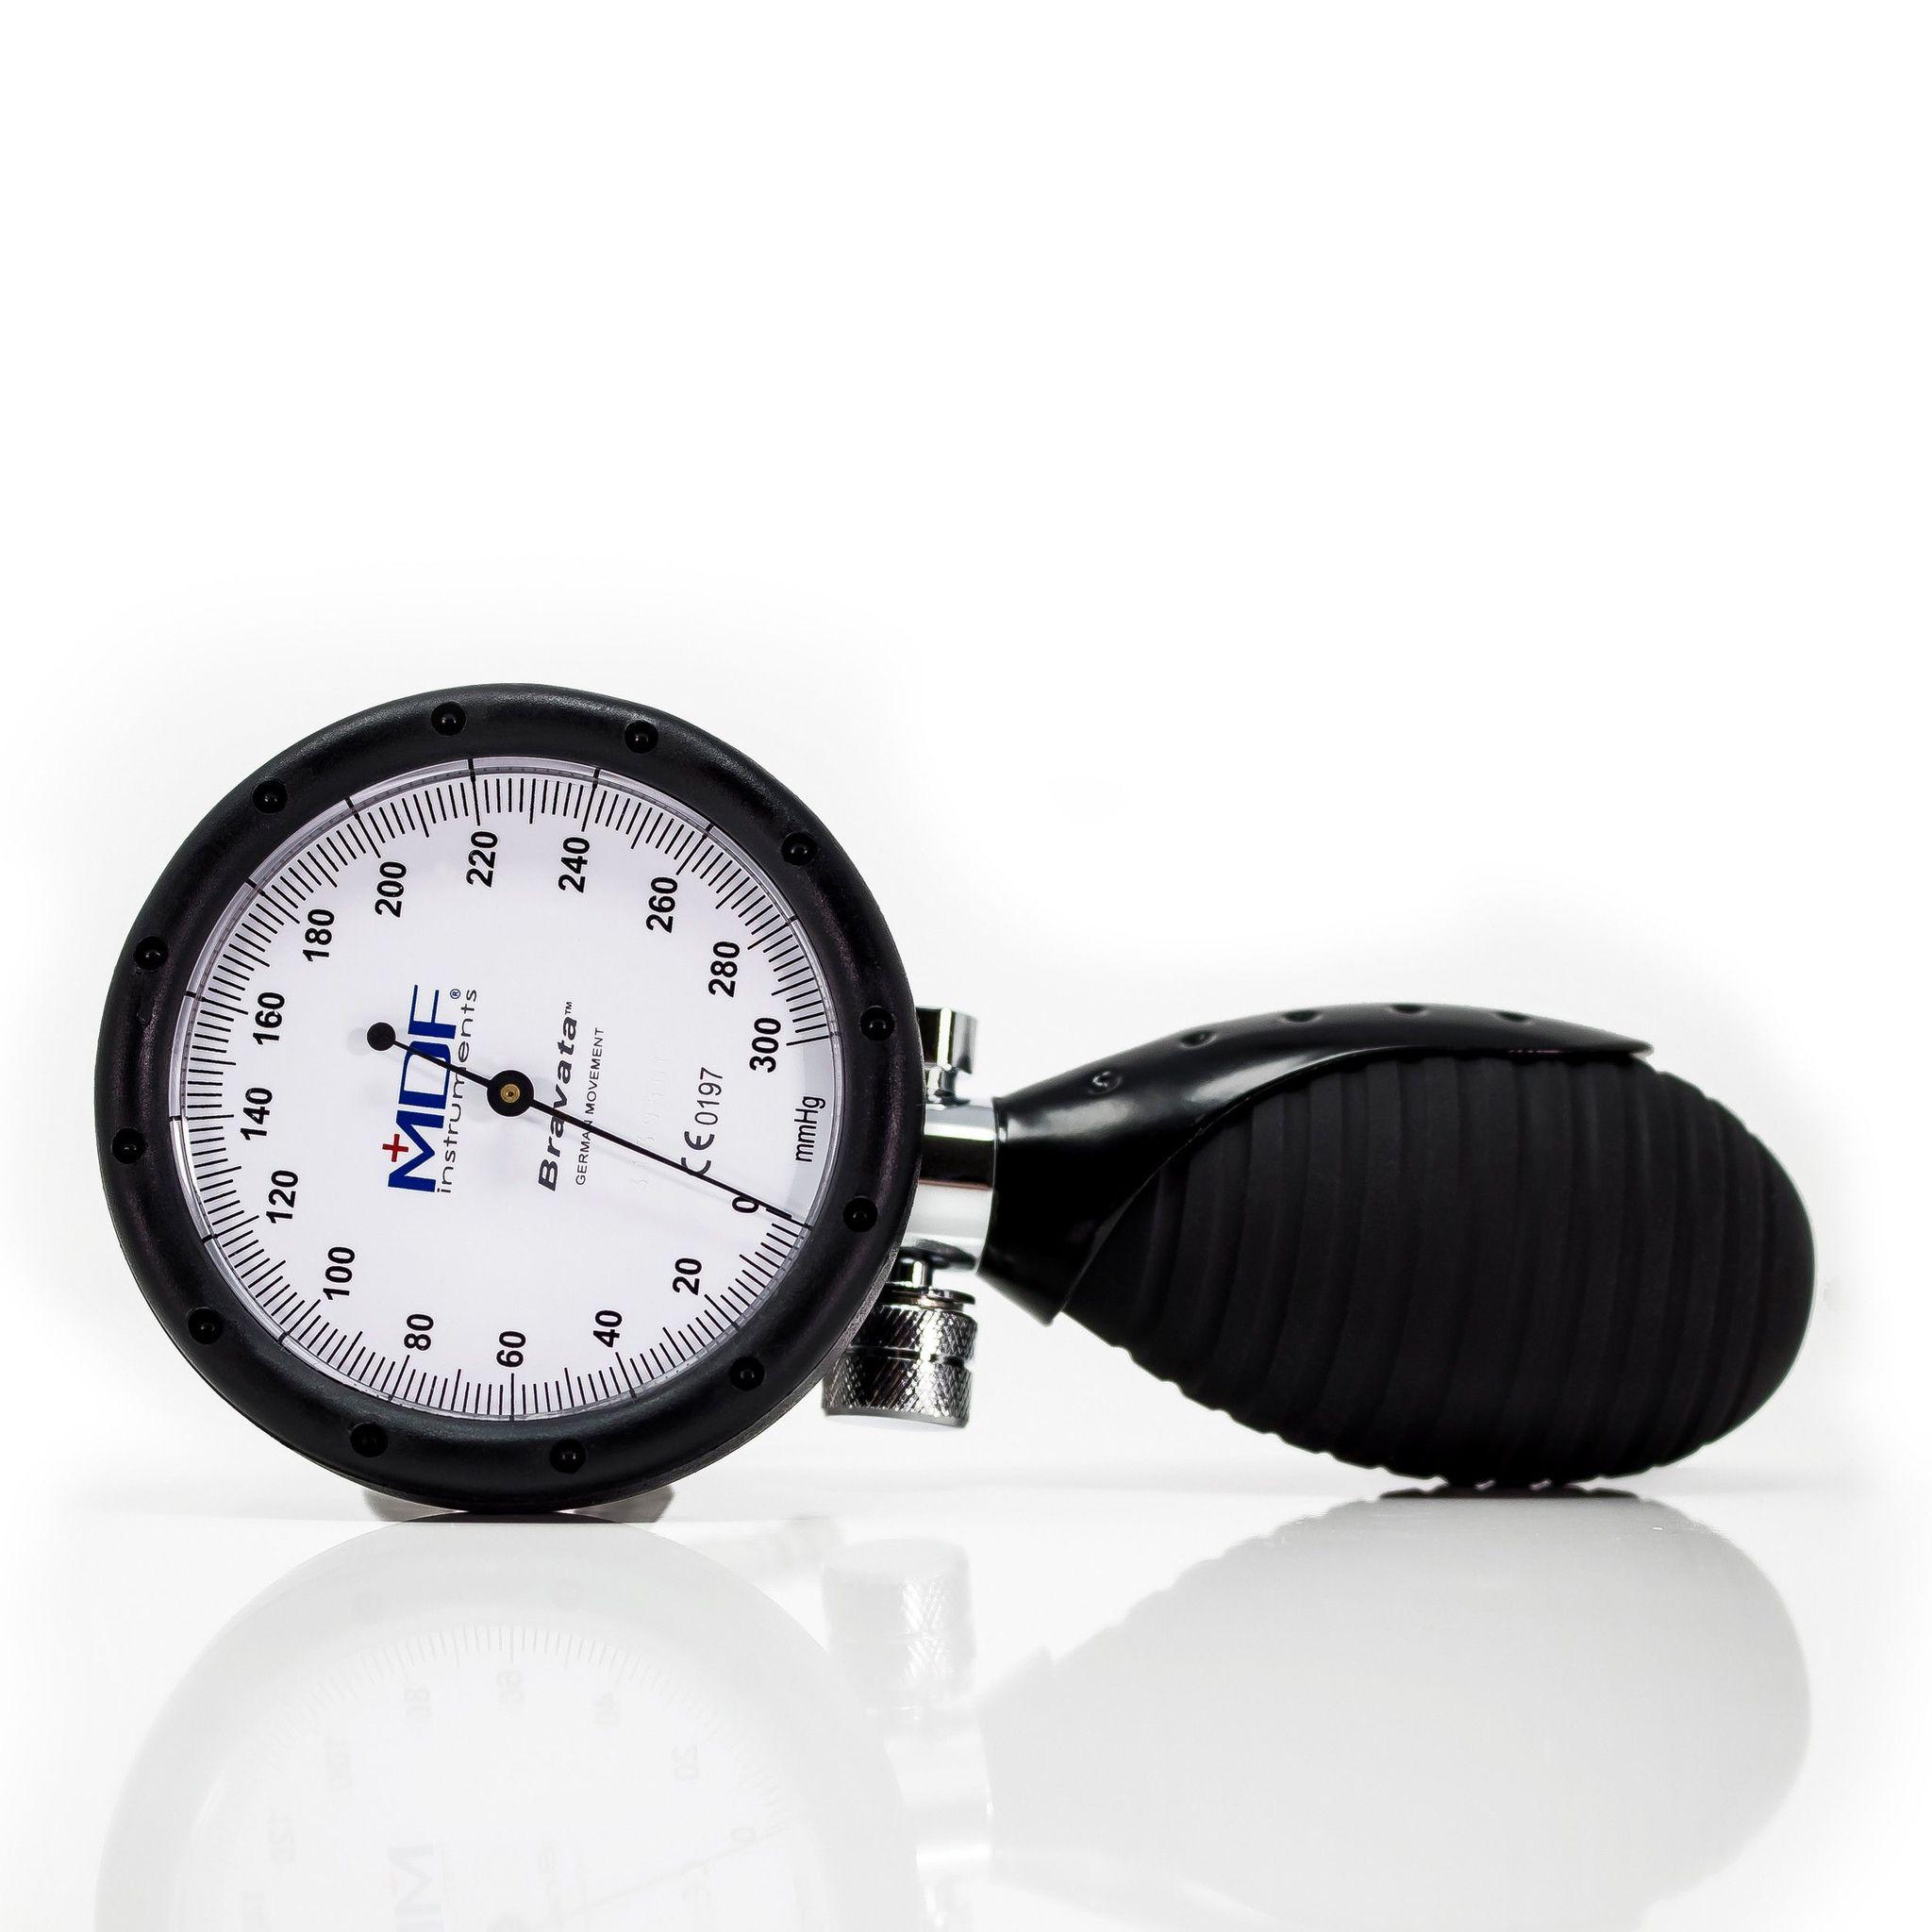 Профессиональный измеритель артериального давления.